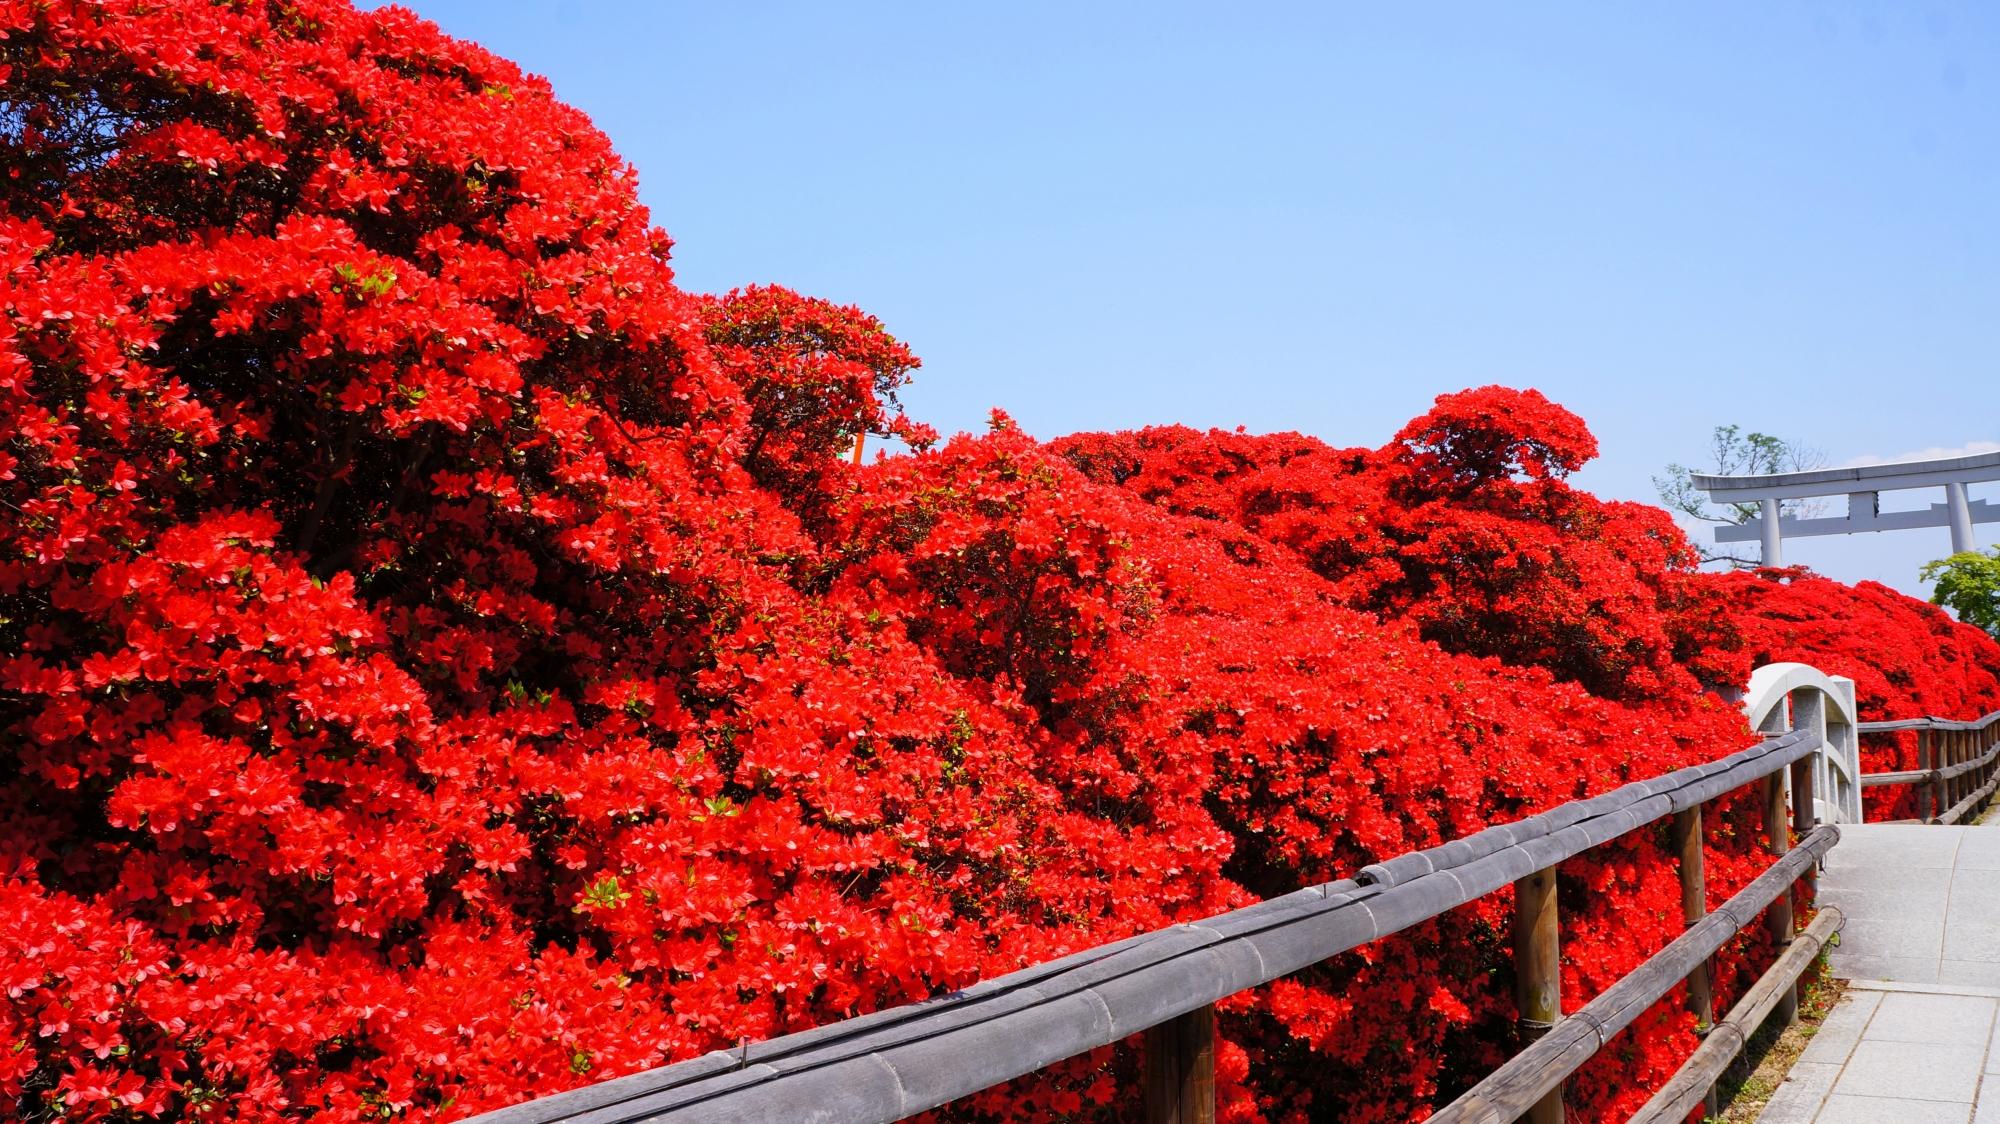 八条ヶ池の素晴らしい霧島躑躅(きりしまつつじ)と春の情景